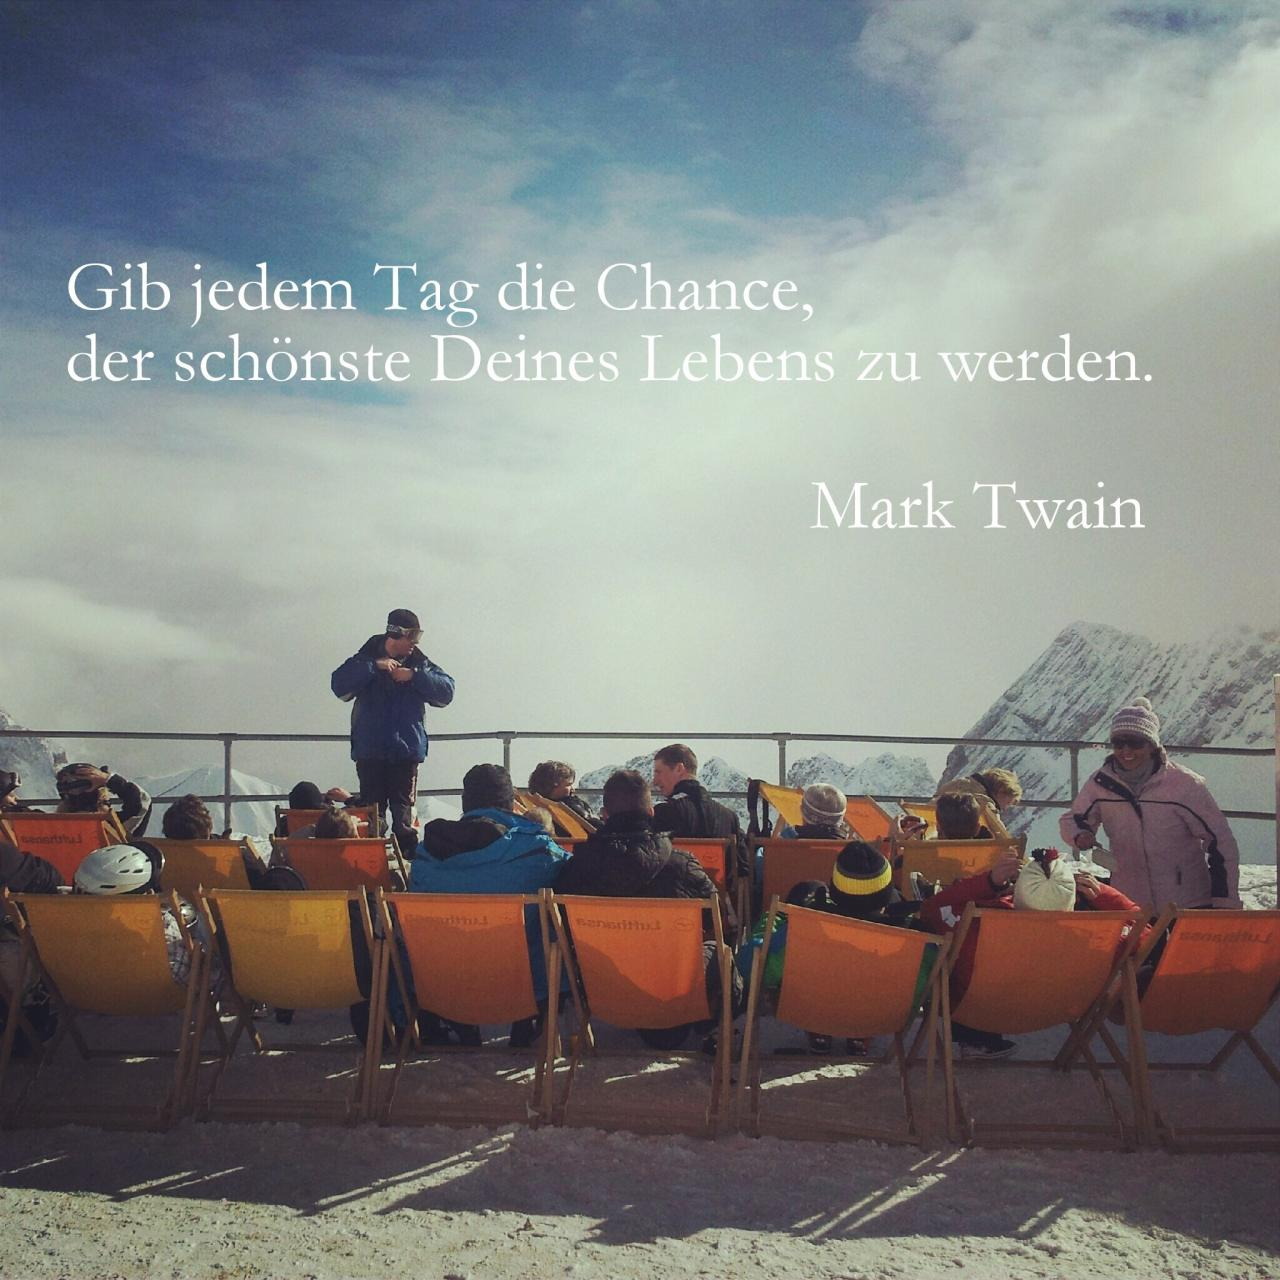 Mark Twain Hochzeitsspruch Tolle Zitate Leben Mark Twain